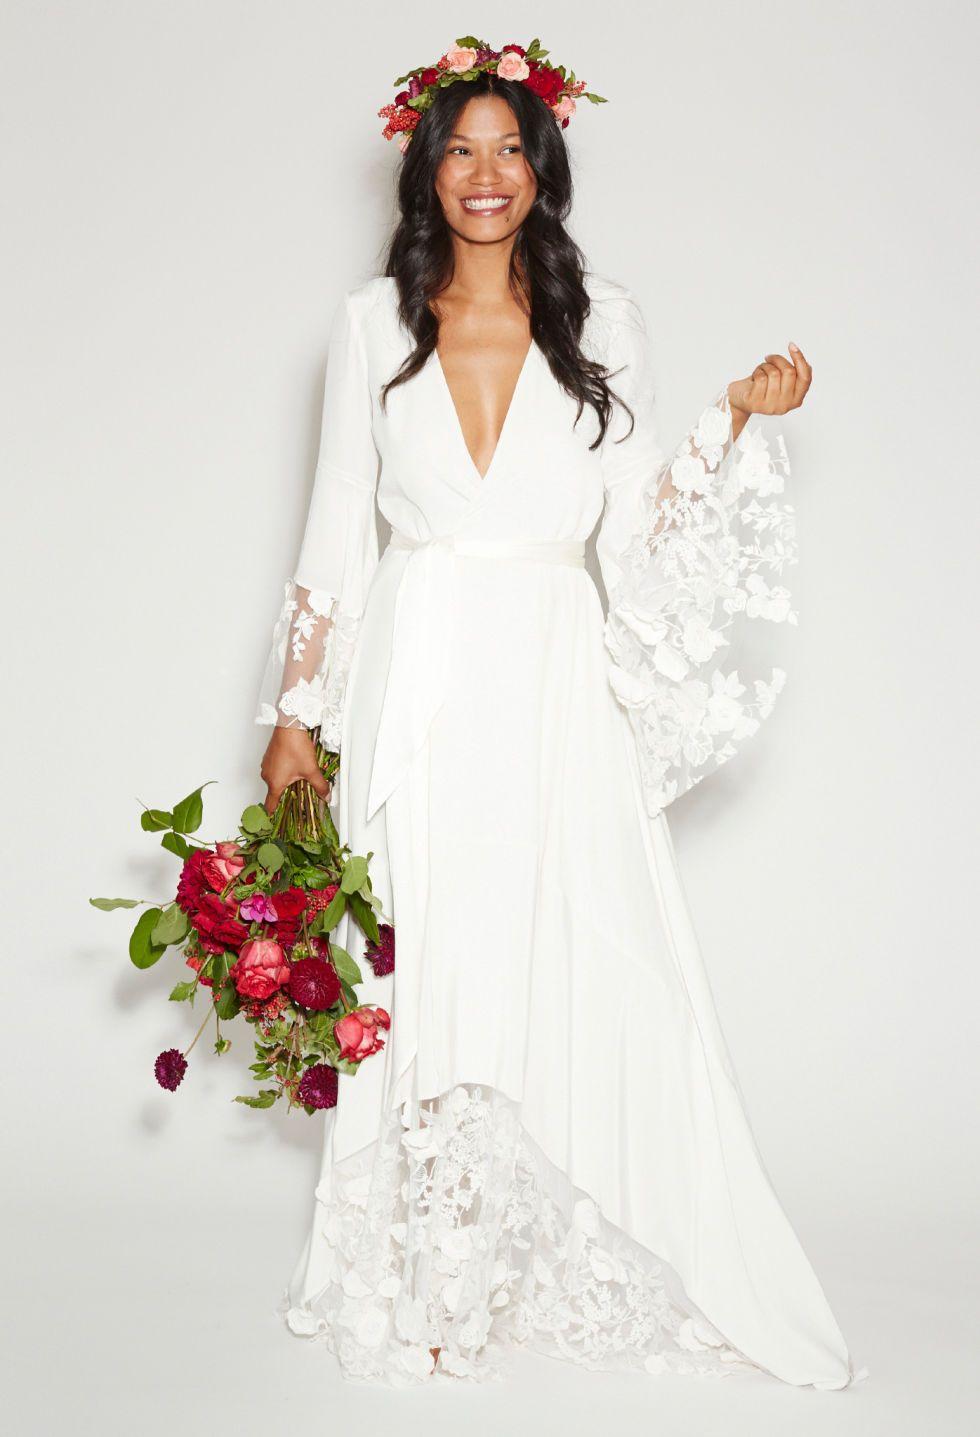 Capelli da sposa idee per indossare i fiori il giorno del tuo